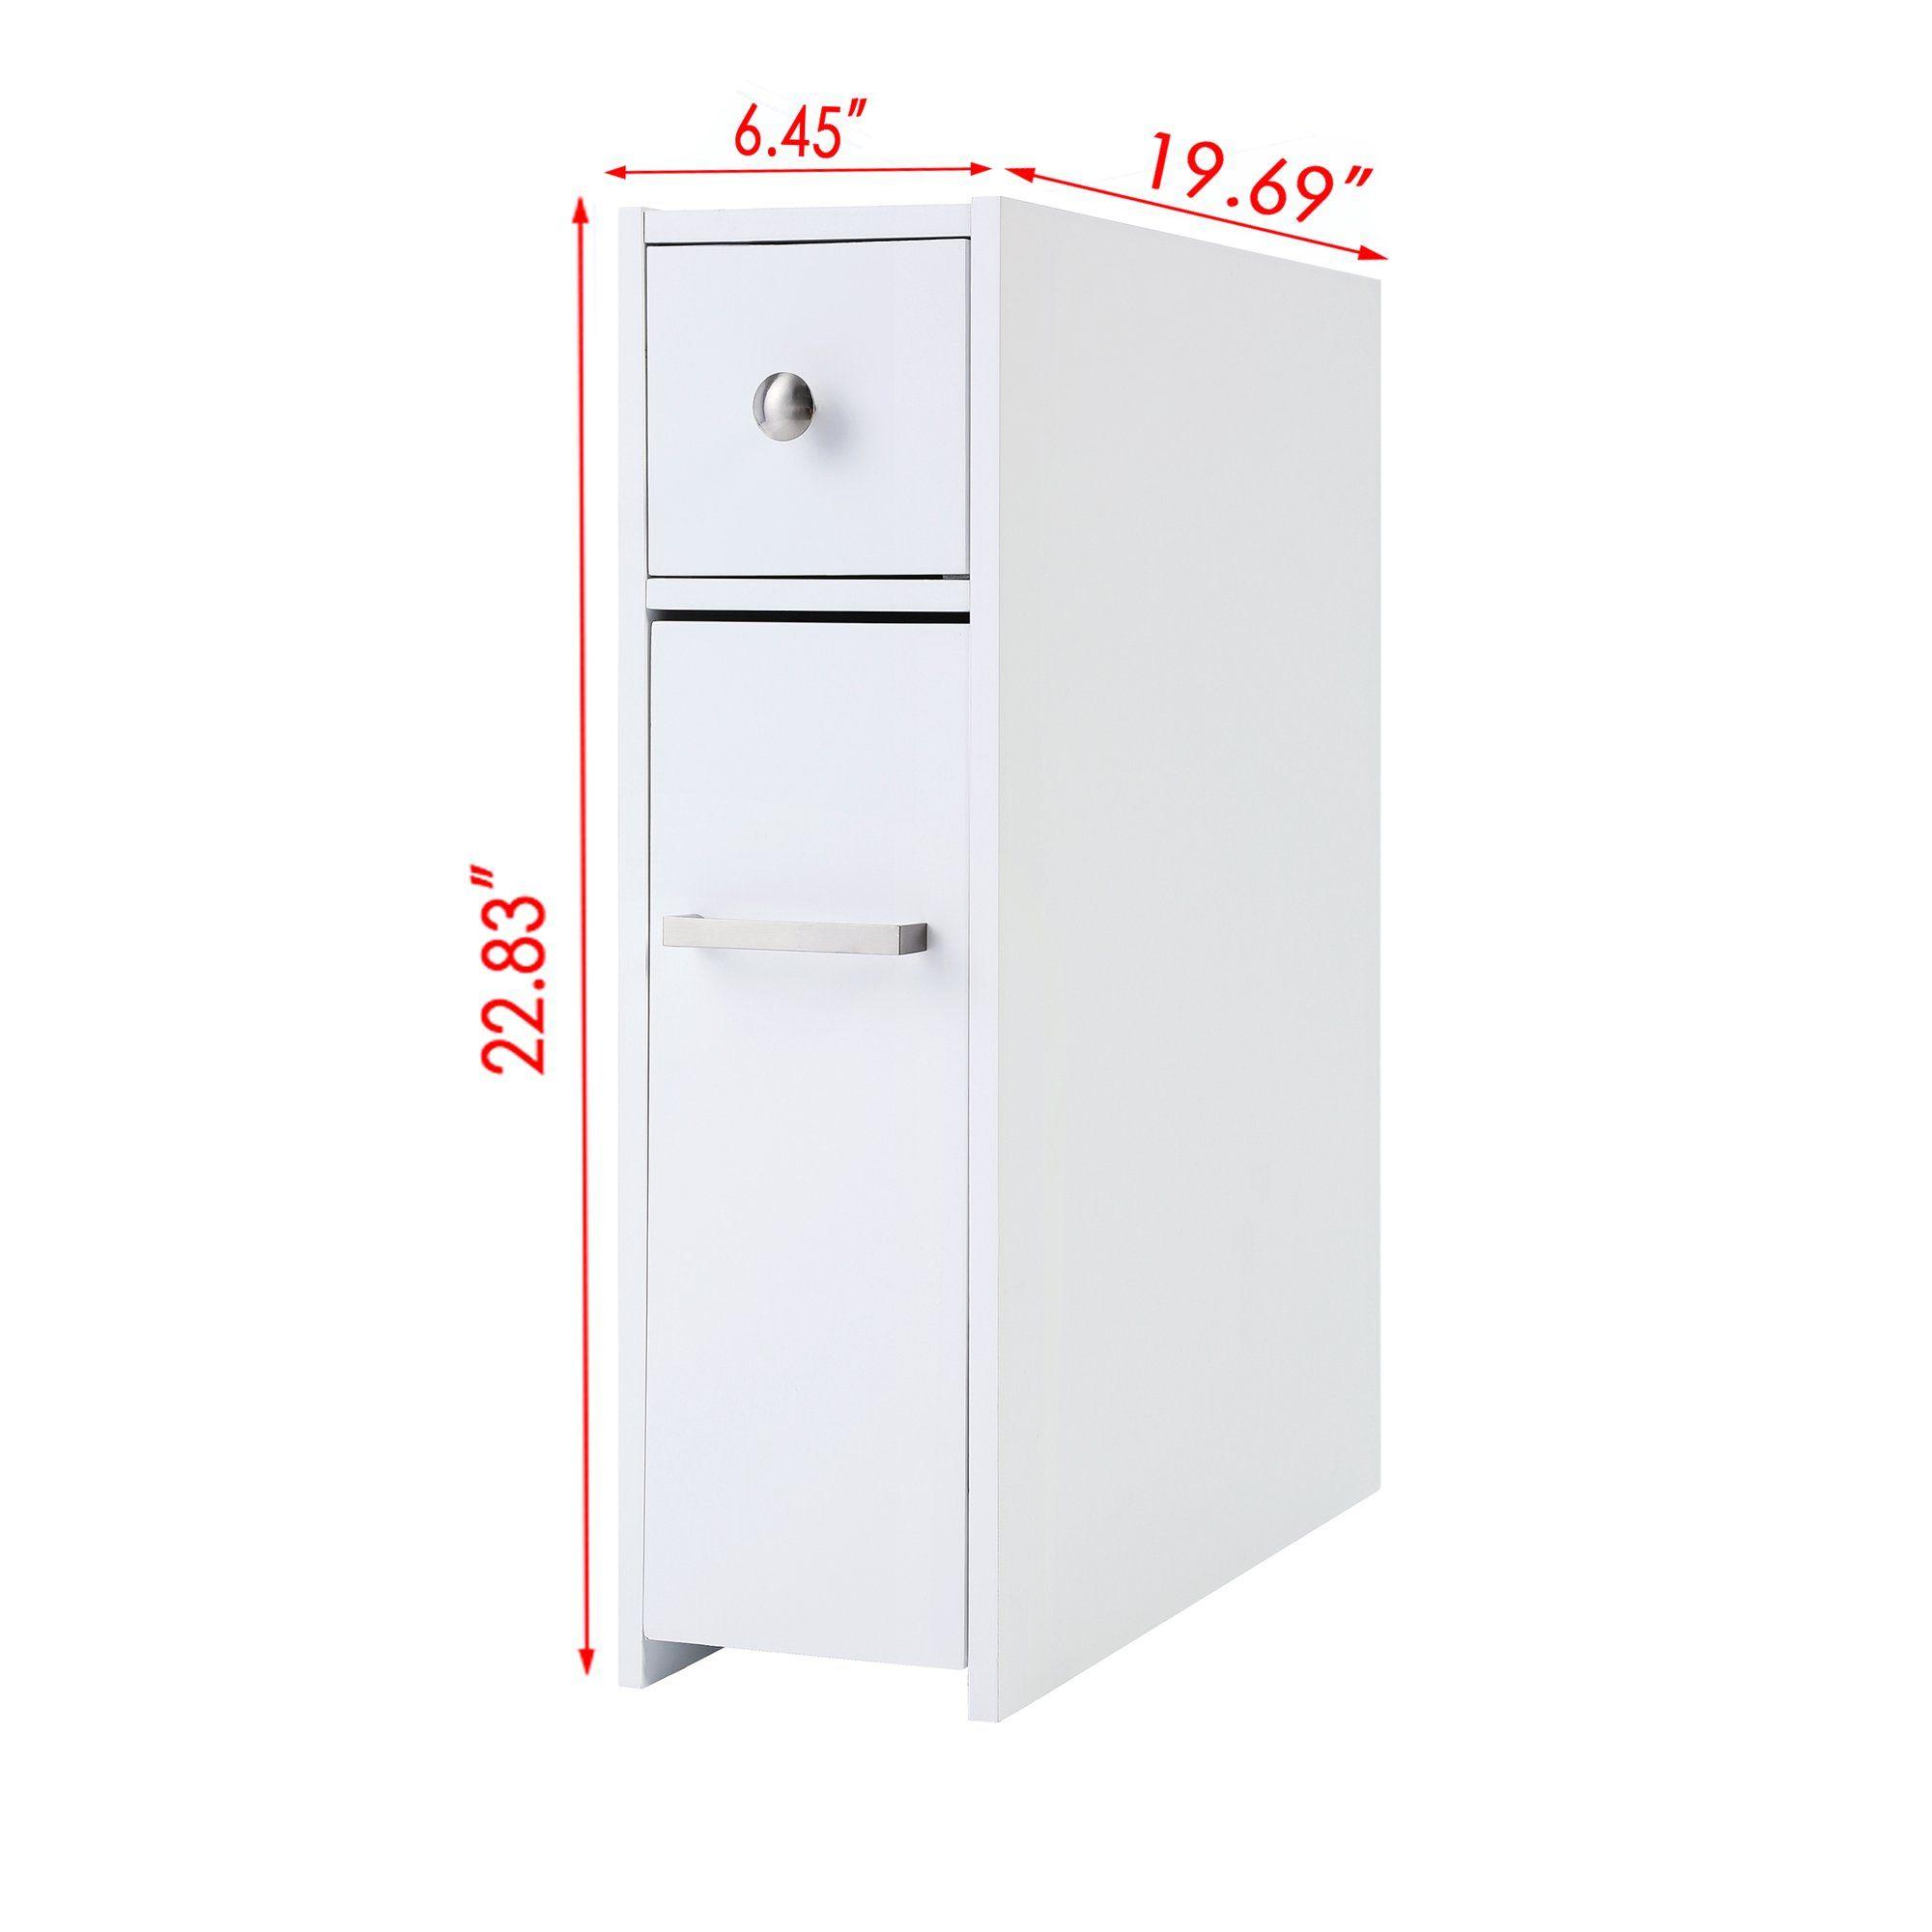 Spirich Slim Bathroom Storage Cabinet Free Standing Toilet Paper Holder In 2021 Slim Bathroom Storage Free Standing Toilet Paper Holder Slim Bathroom Storage Cabinet [ 2000 x 2000 Pixel ]